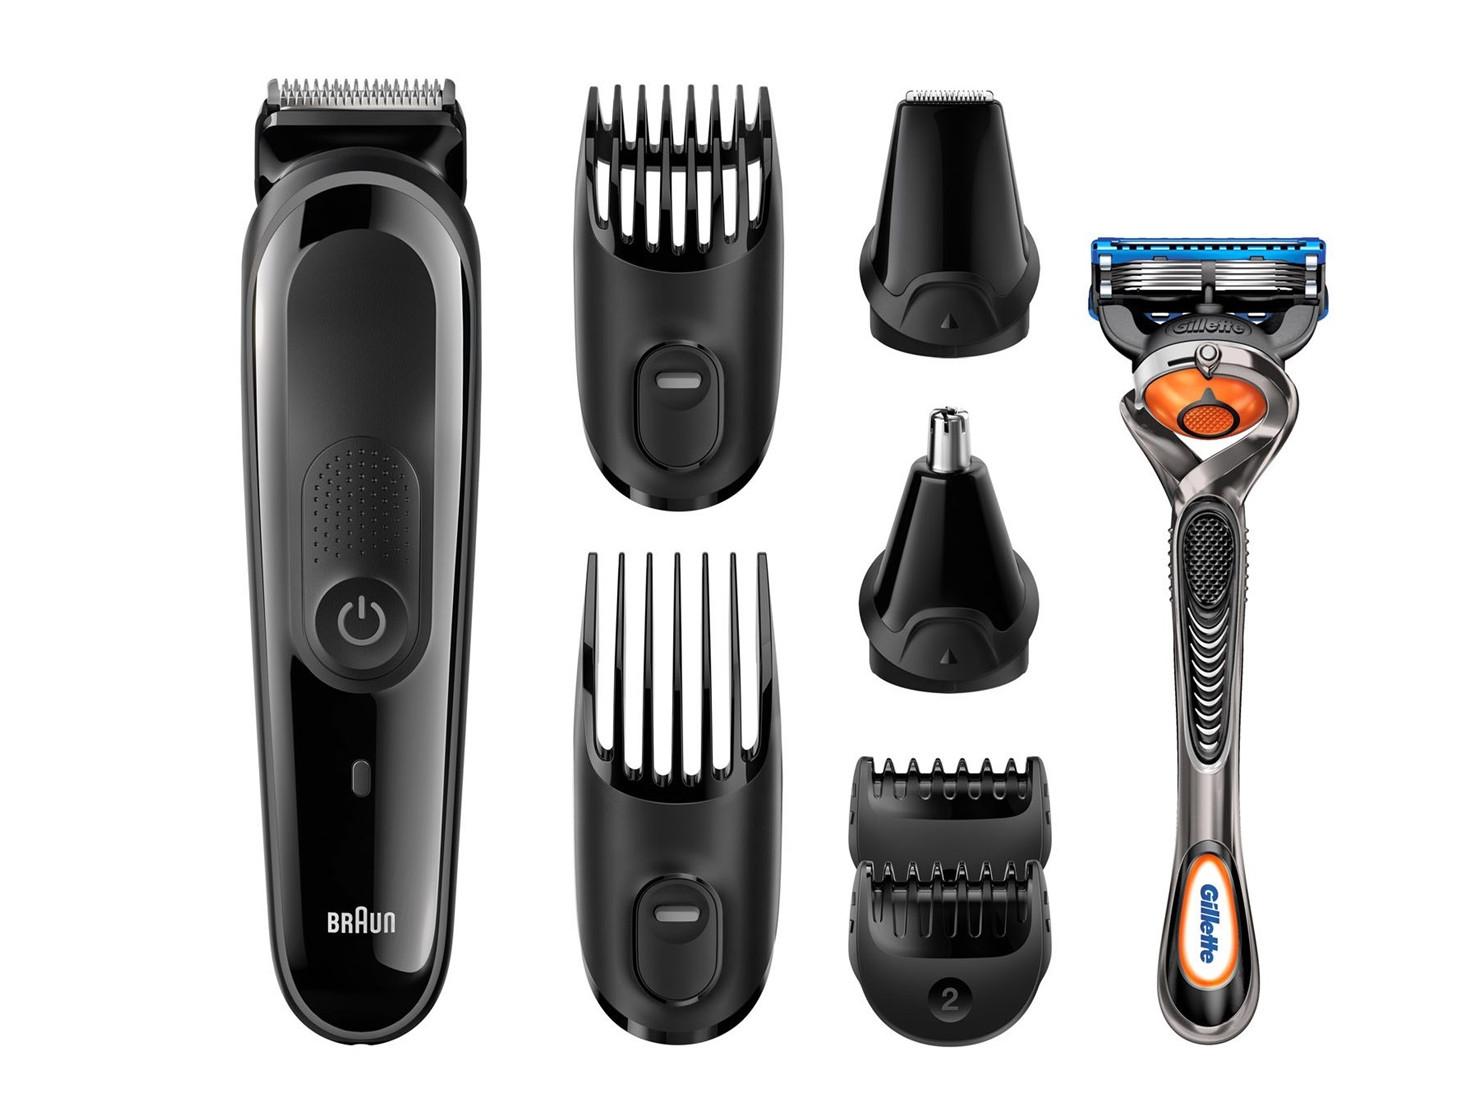 Zastřihovač pro celé tělo Braun MGK3060 - černý + zadarmo holící strojek Gillette + DÁREK Z